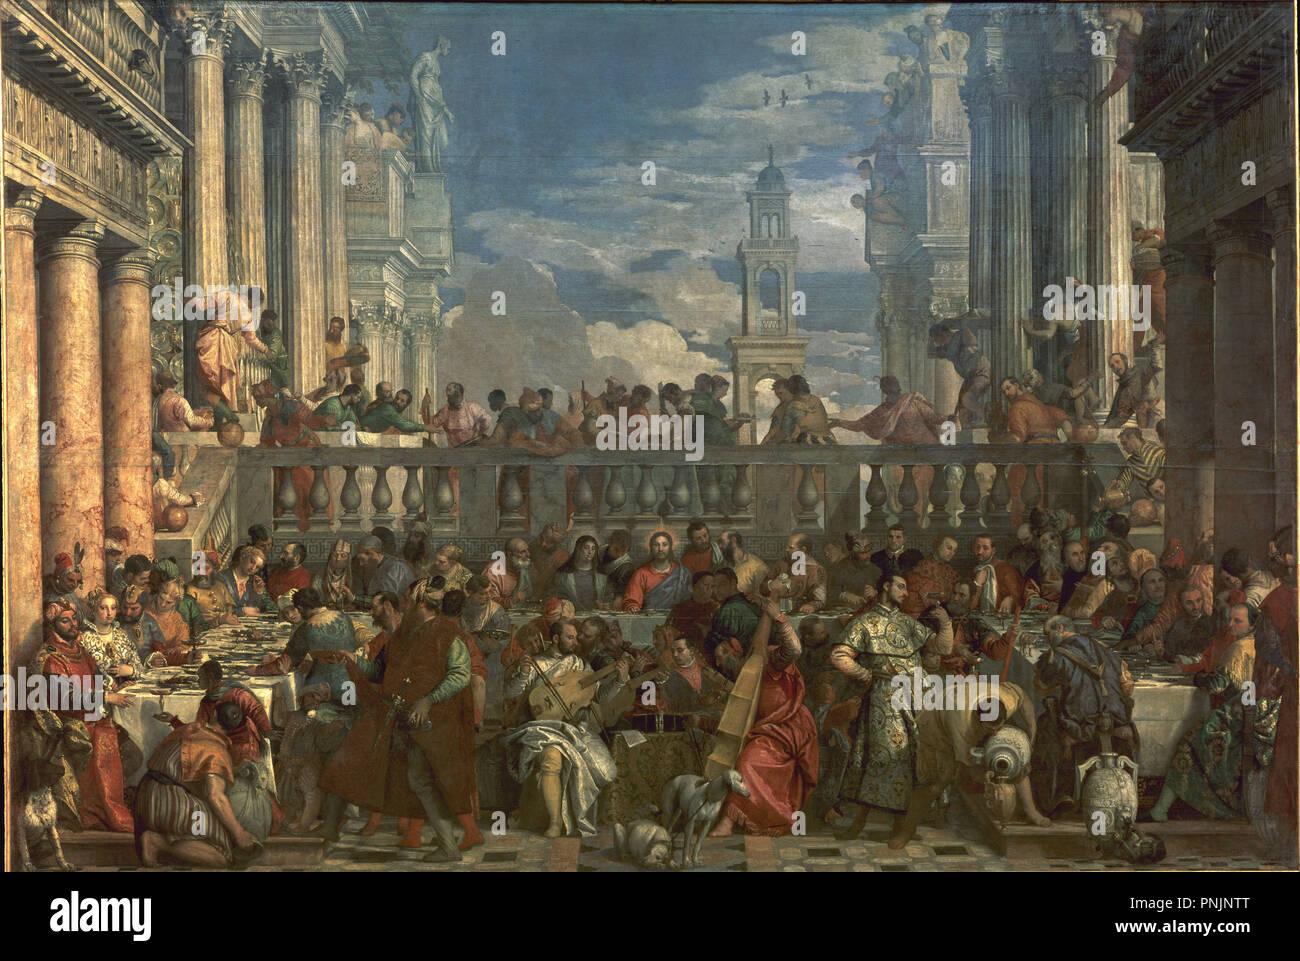 Les Noces De Cana 1563 Huile Sur Toile 677 994 Cm P00142 Auteur Veronese Paolo Lieu Musee Du Louvre Peintures La France Photo Stock Alamy